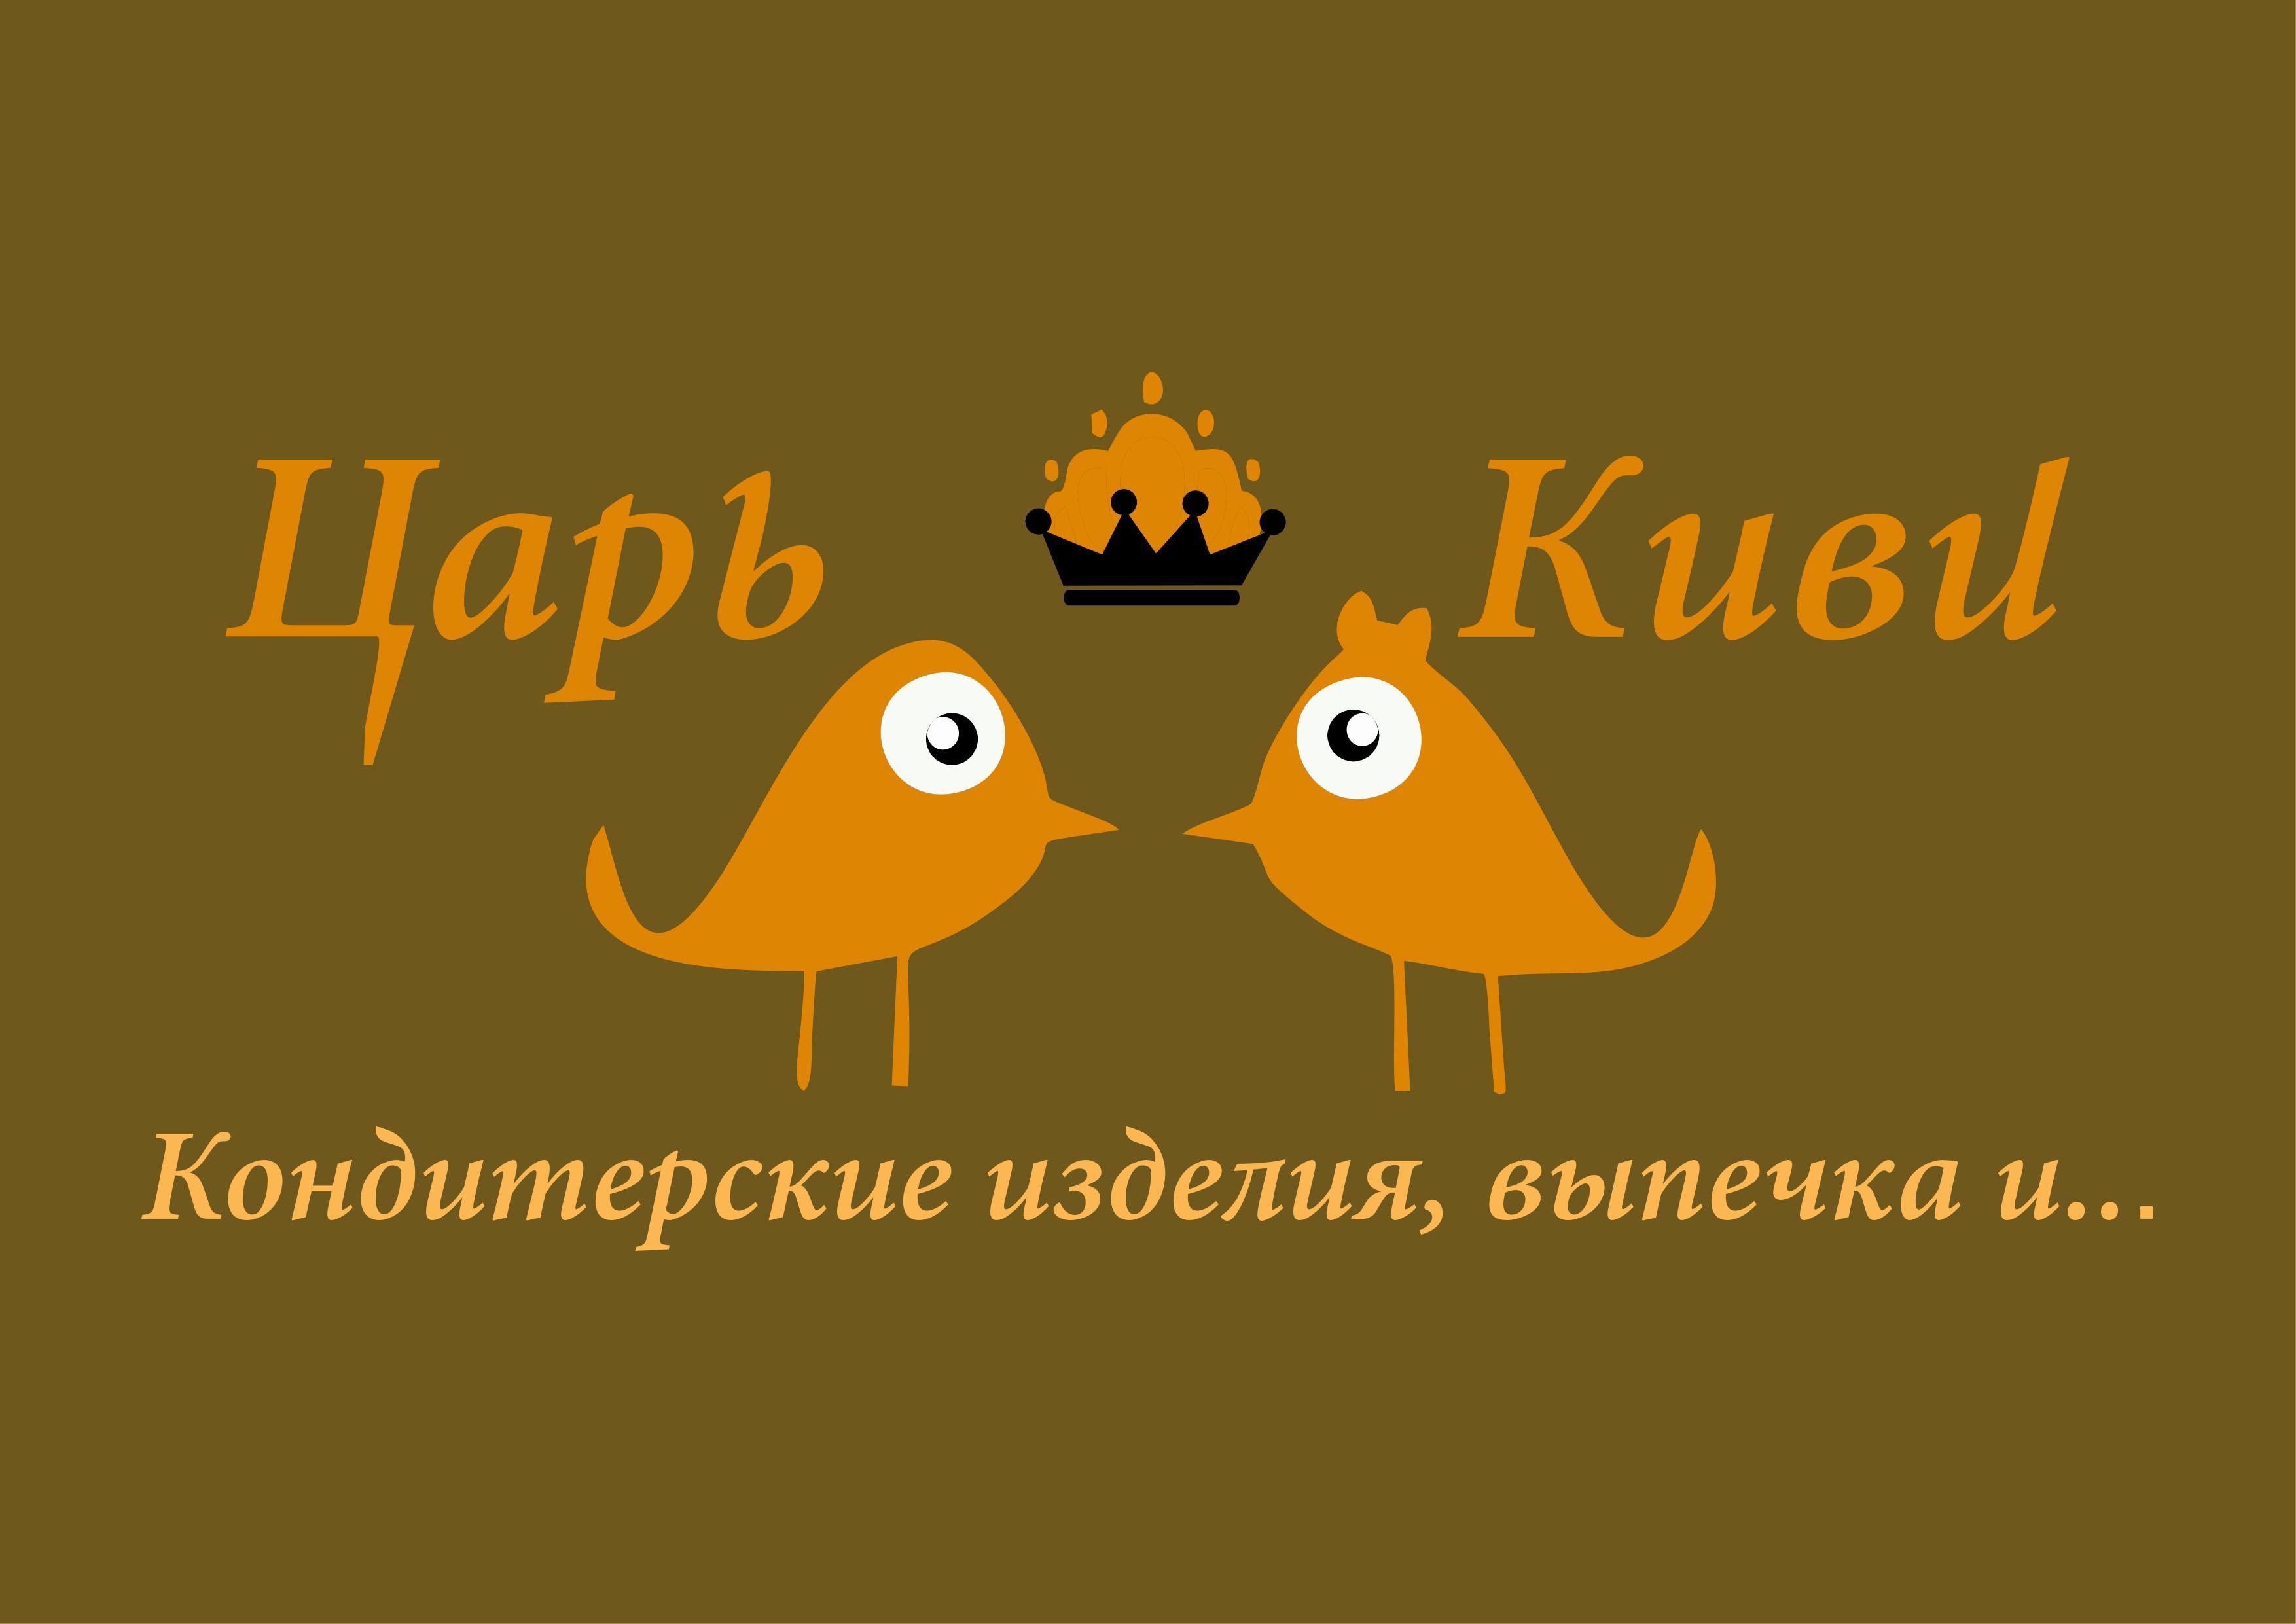 """Доработать дизайн логотипа кафе-кондитерской """"Царь-Киви"""" фото f_1205a041a3d5a4cb.jpg"""